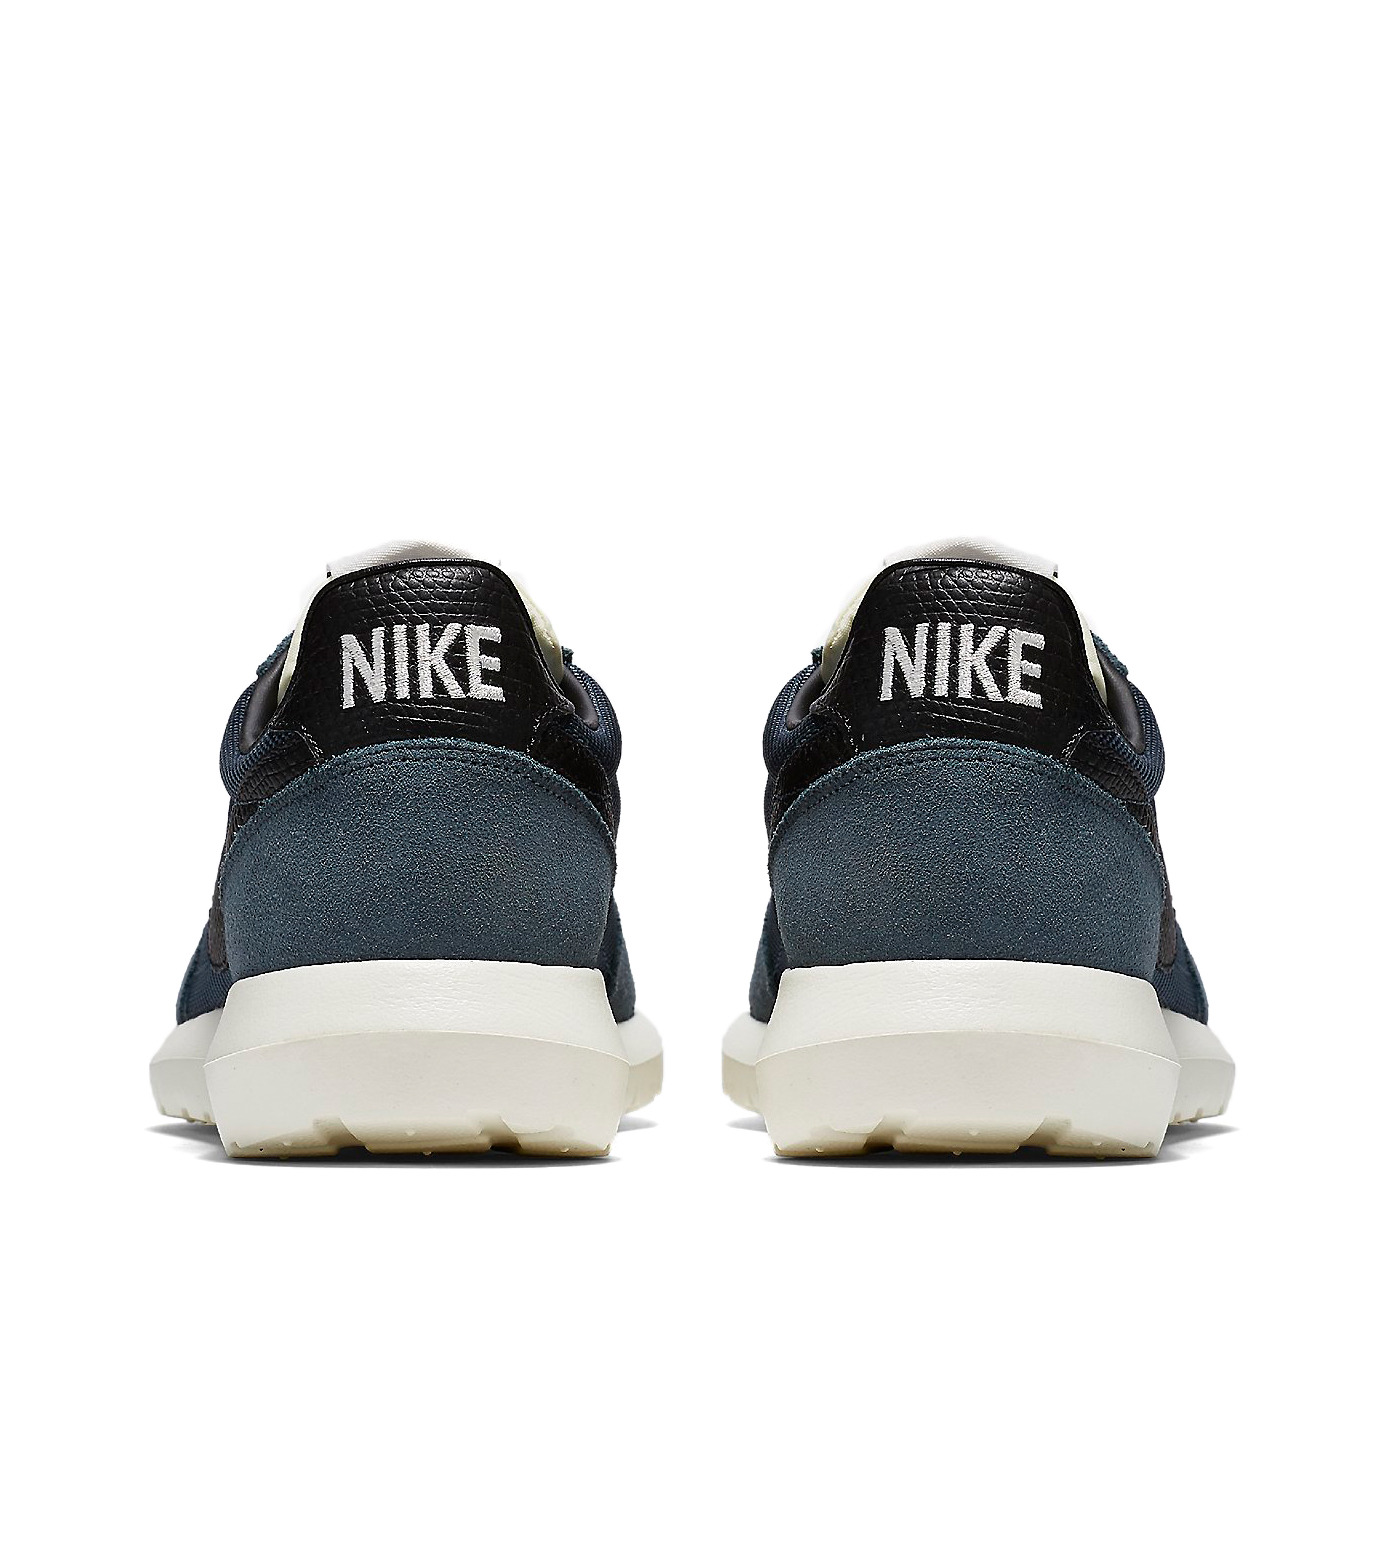 NIKE(ナイキ)のROSHE DBREAK NM-NAVY(シューズ/shoes)-826666-400-93 拡大詳細画像5